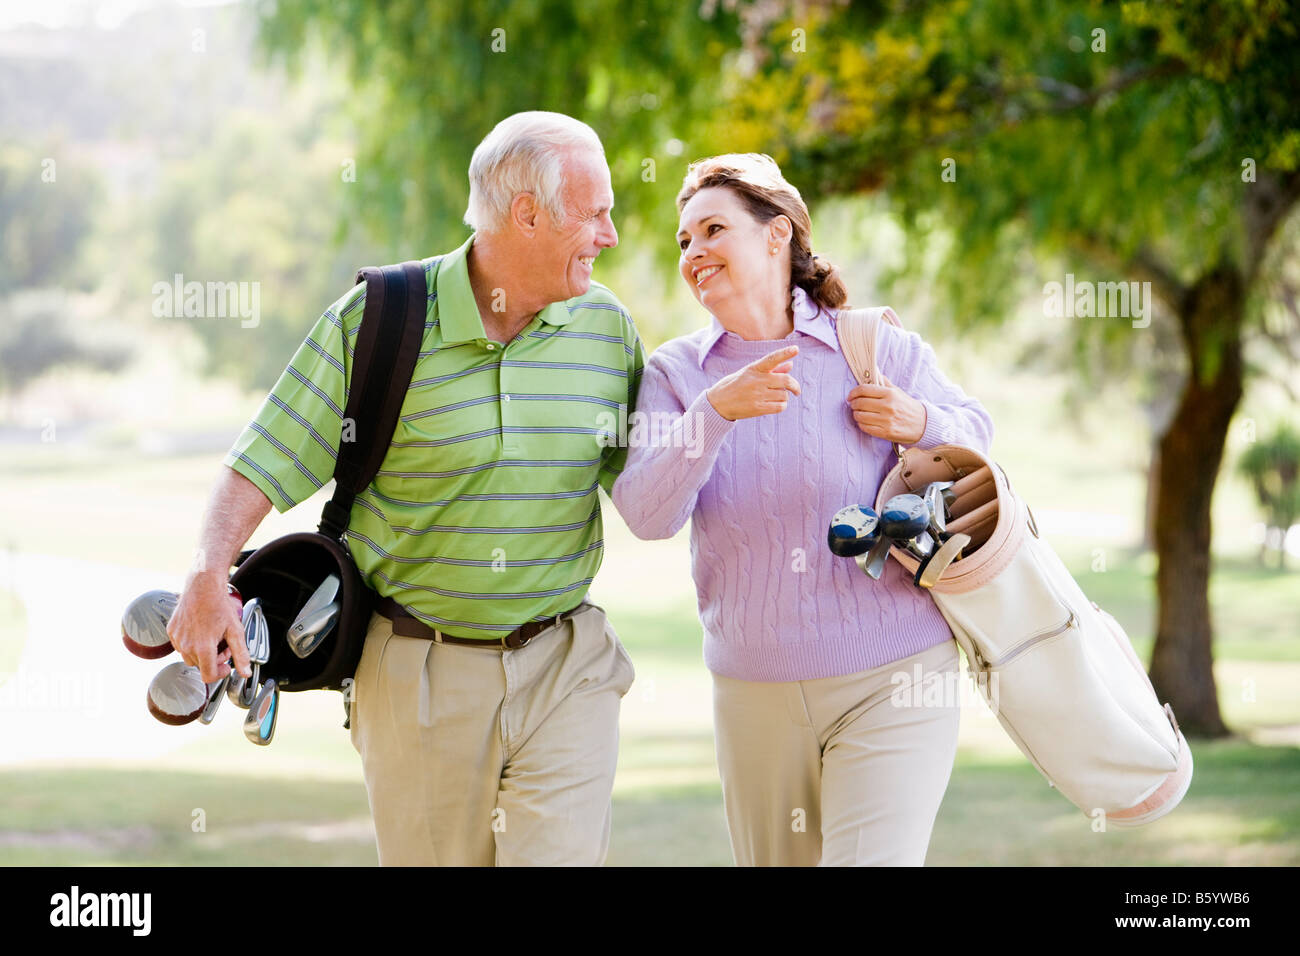 Paar genießt eine Partie Golf Stockbild